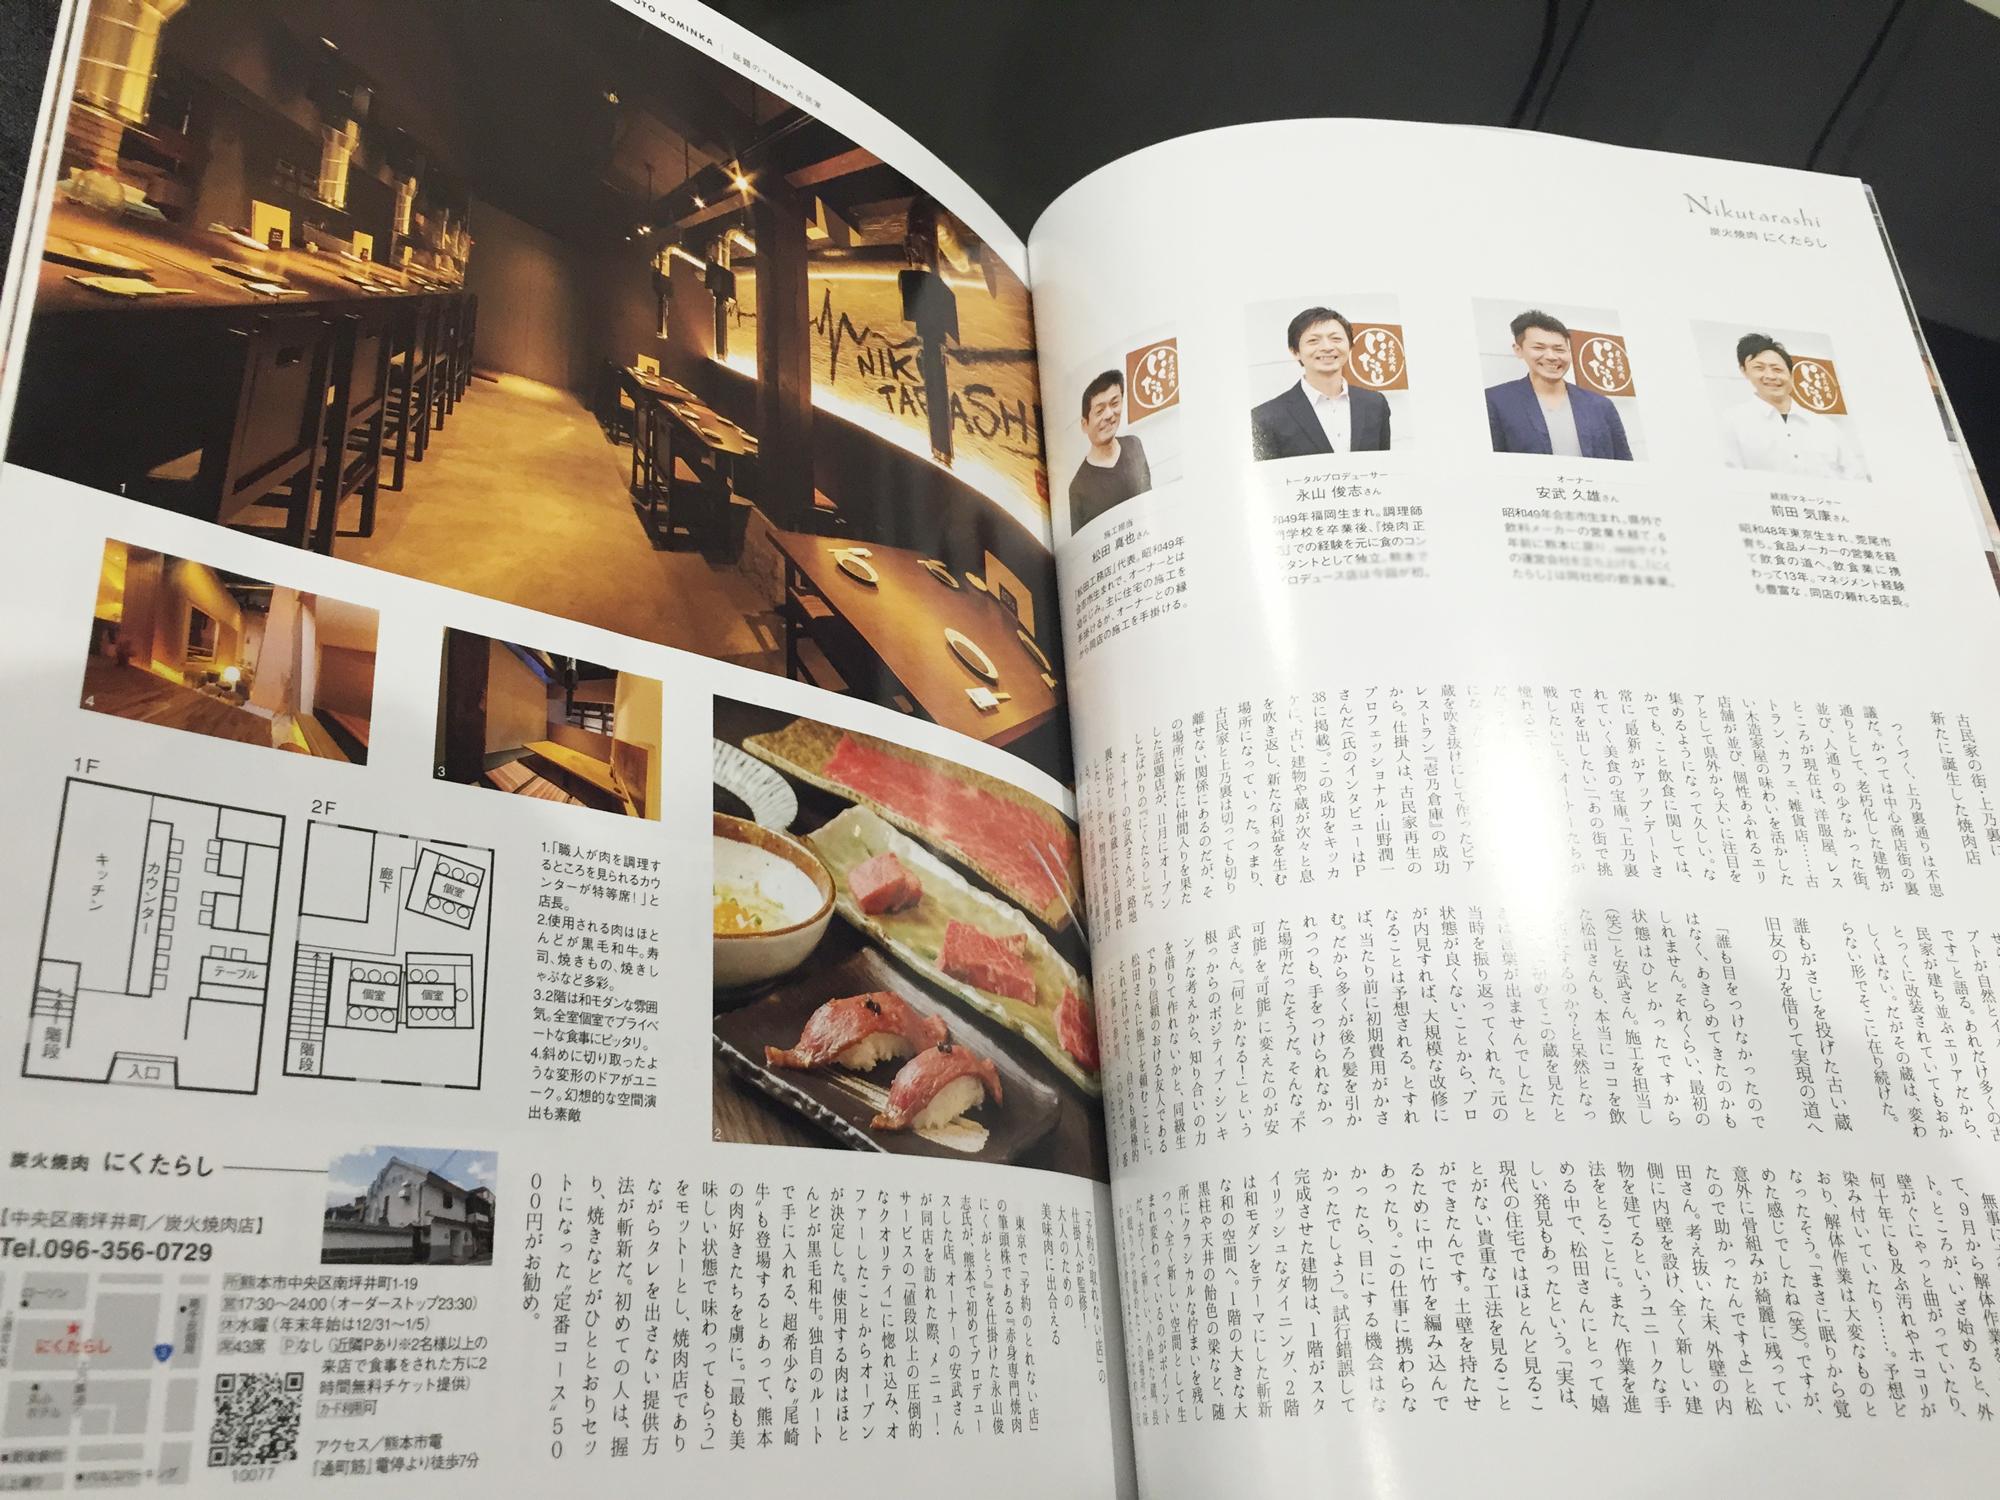 熊本の古民家特集見開き2ページ目